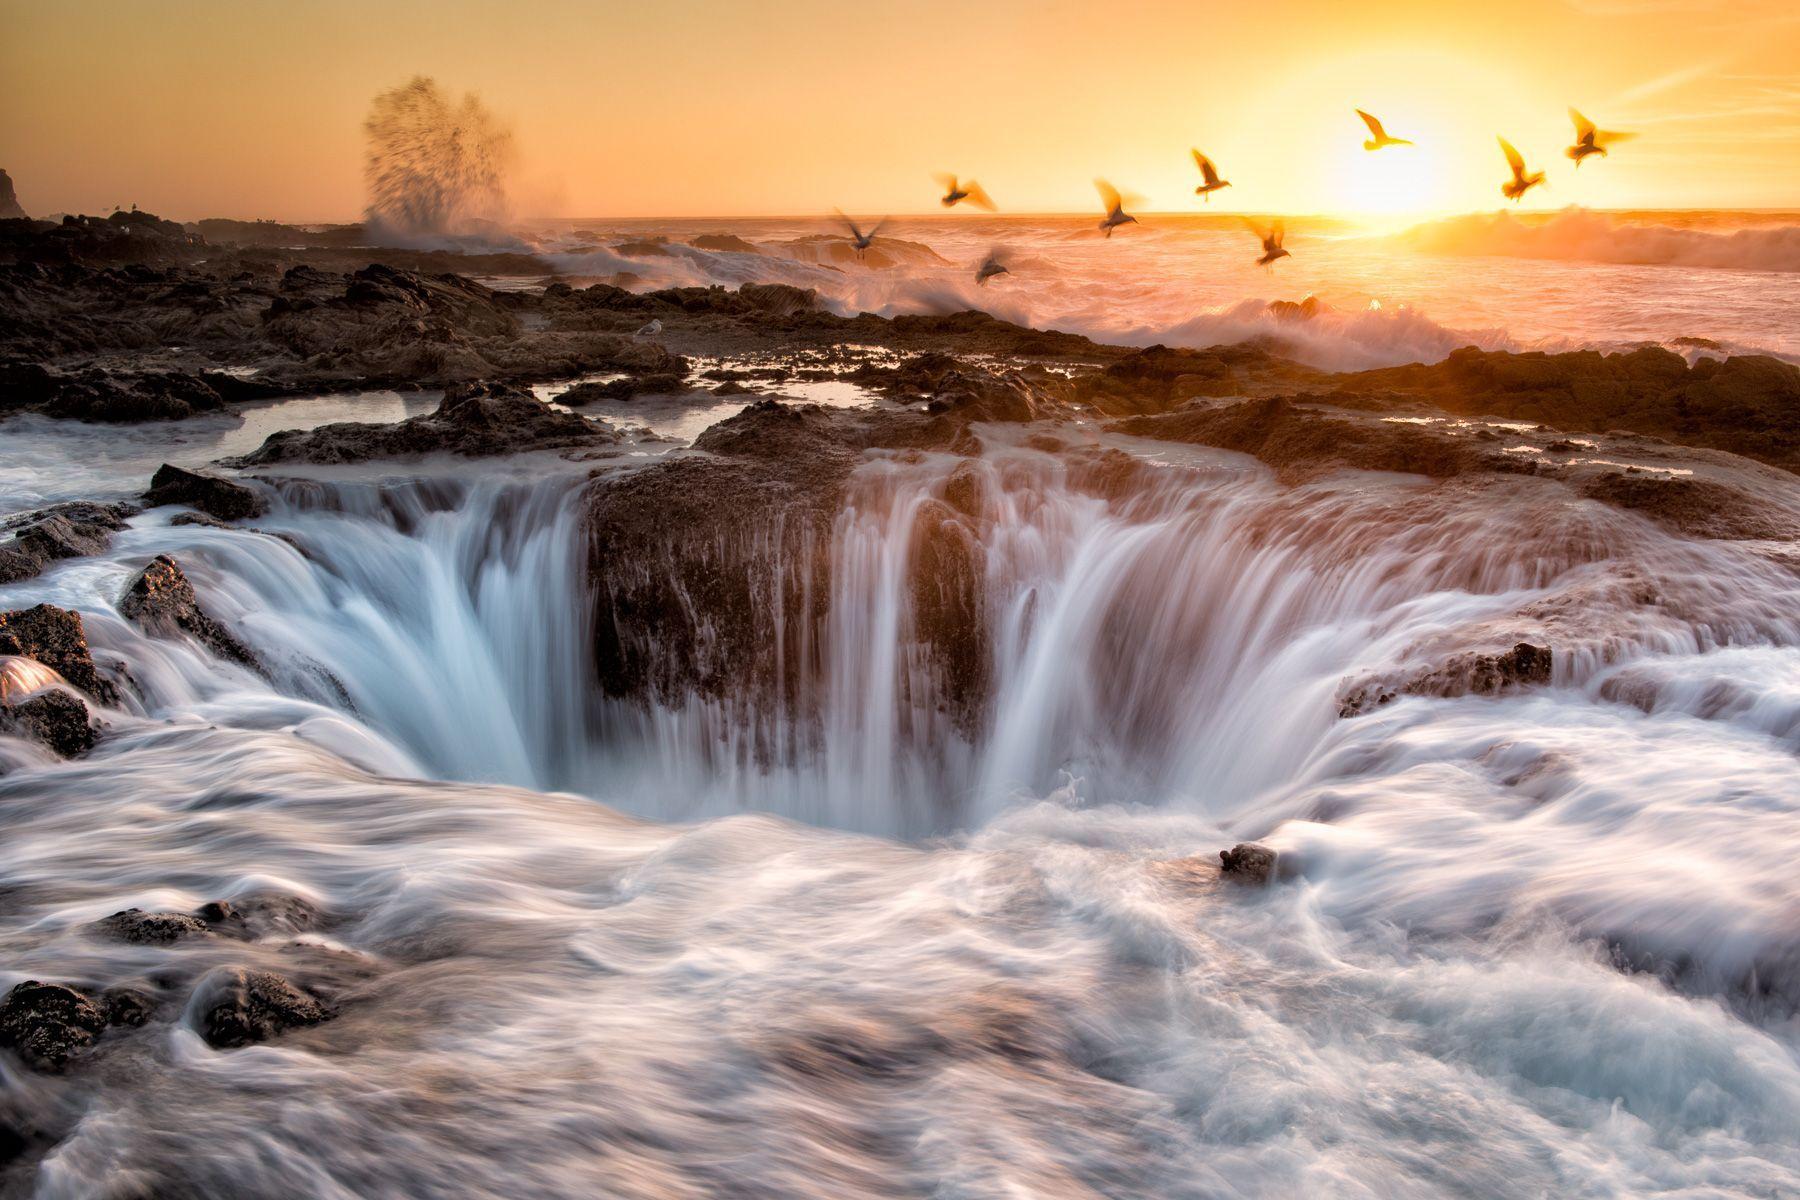 Hình ảnh thác nước đẹp tuyệt